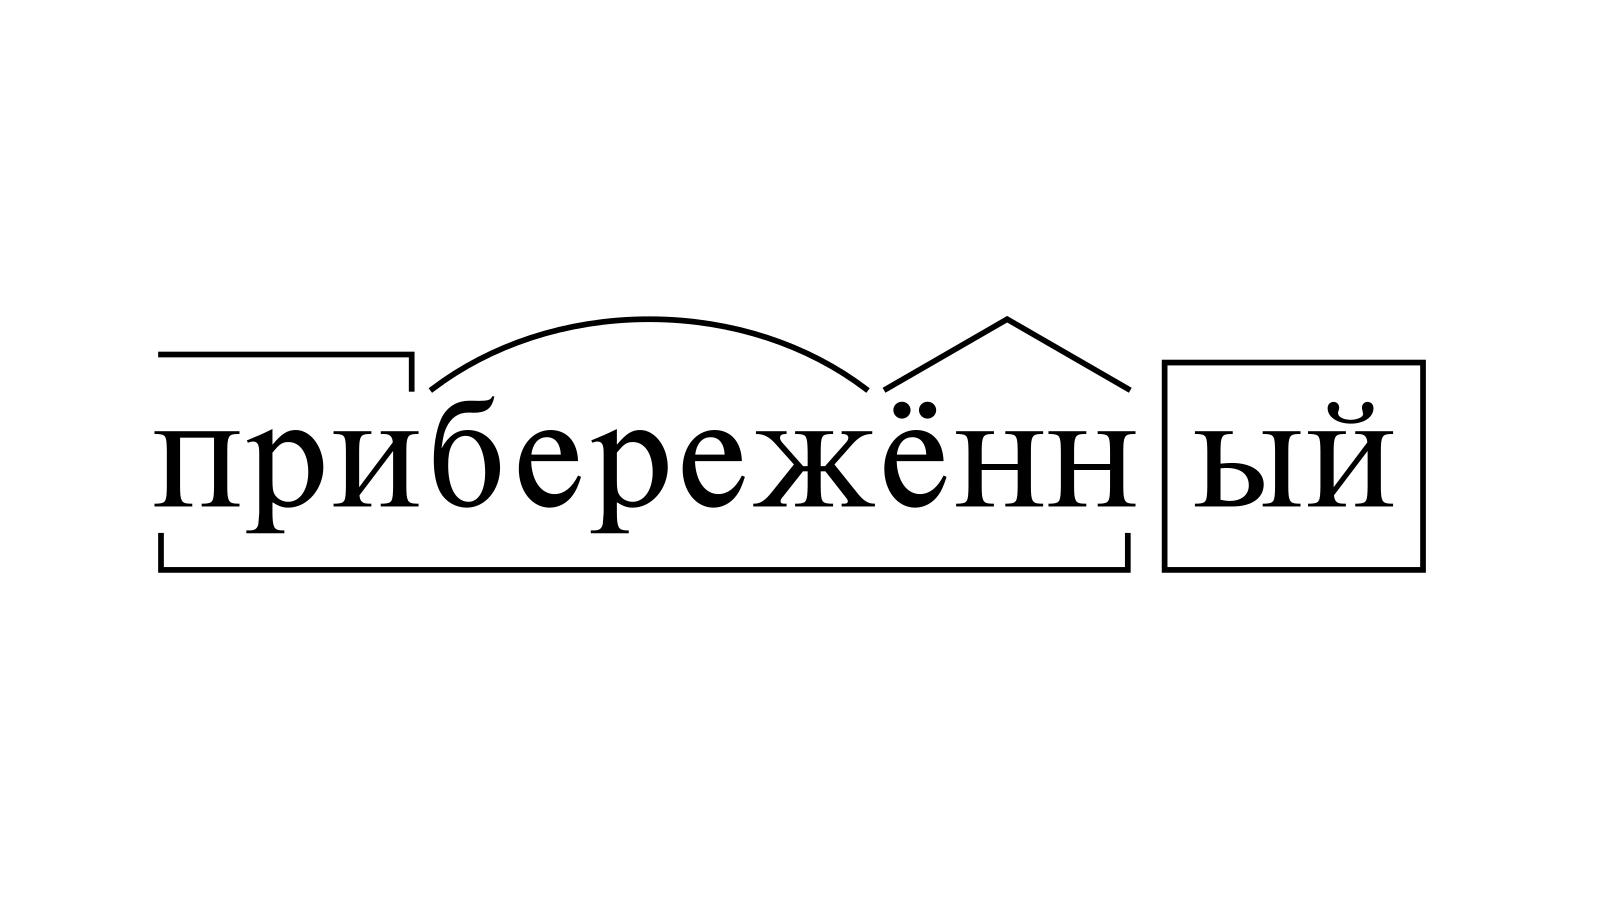 Разбор слова «прибережённый» по составу